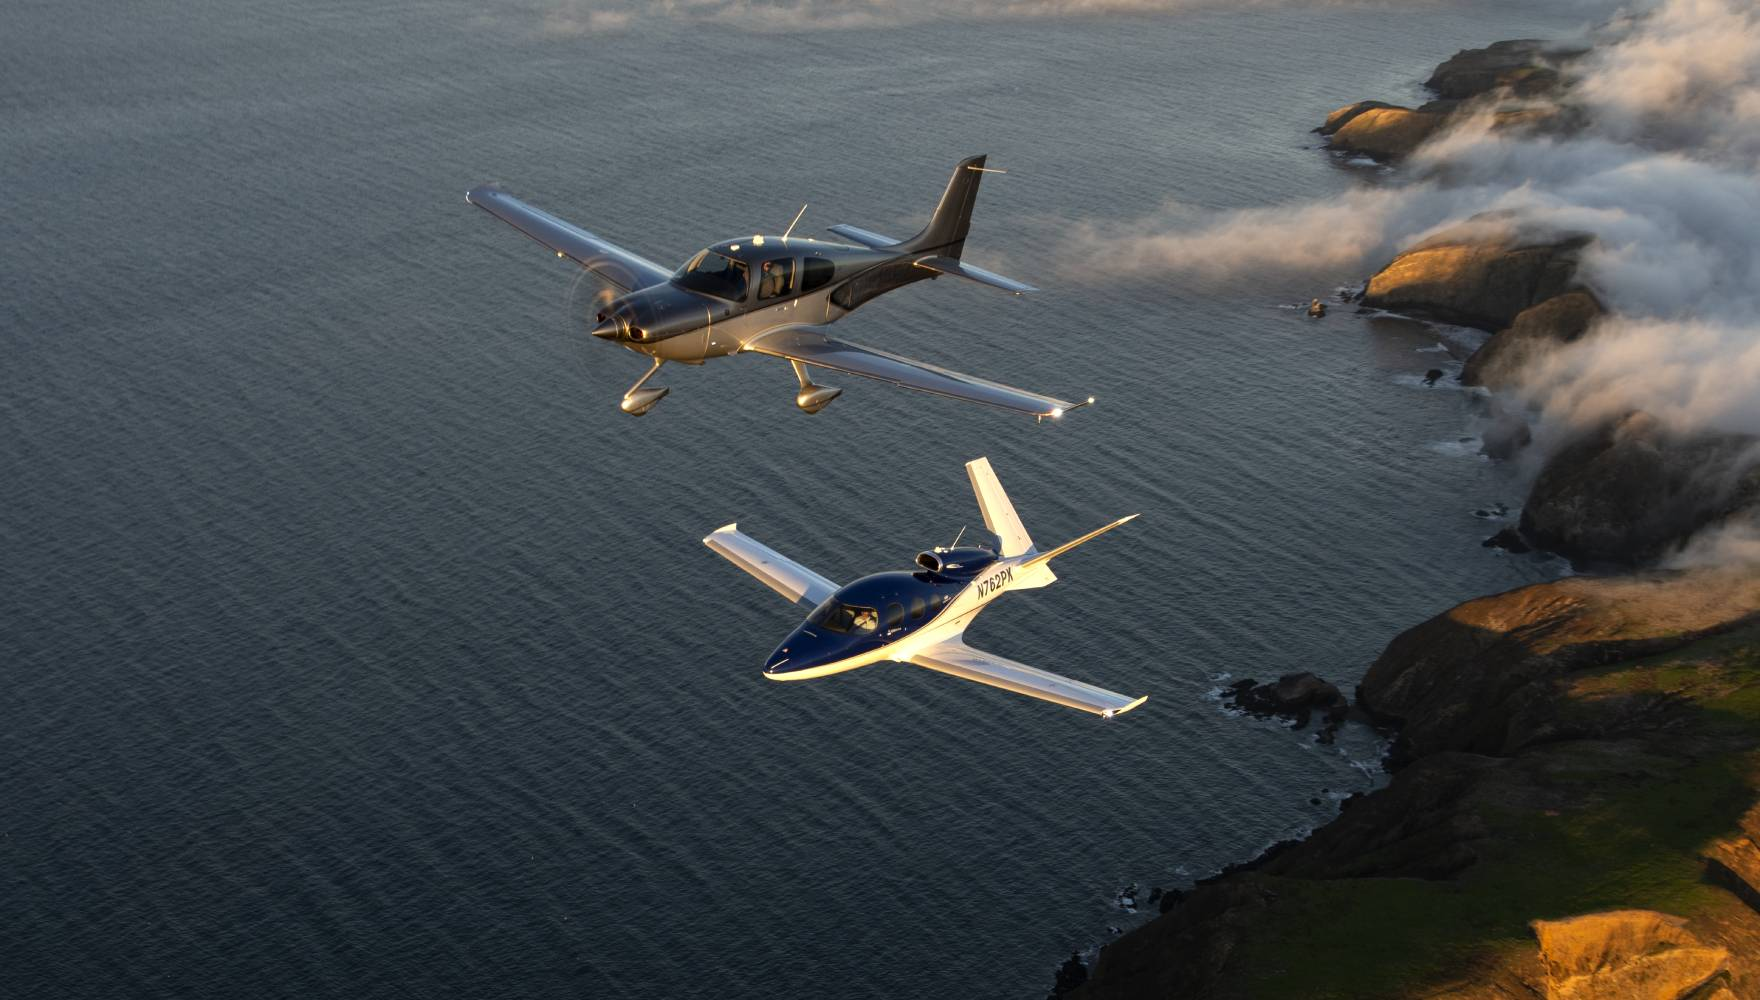 Cirrus Aircraft Showcases the New G2+ Vision Jet® at NBAA-BACE 2021